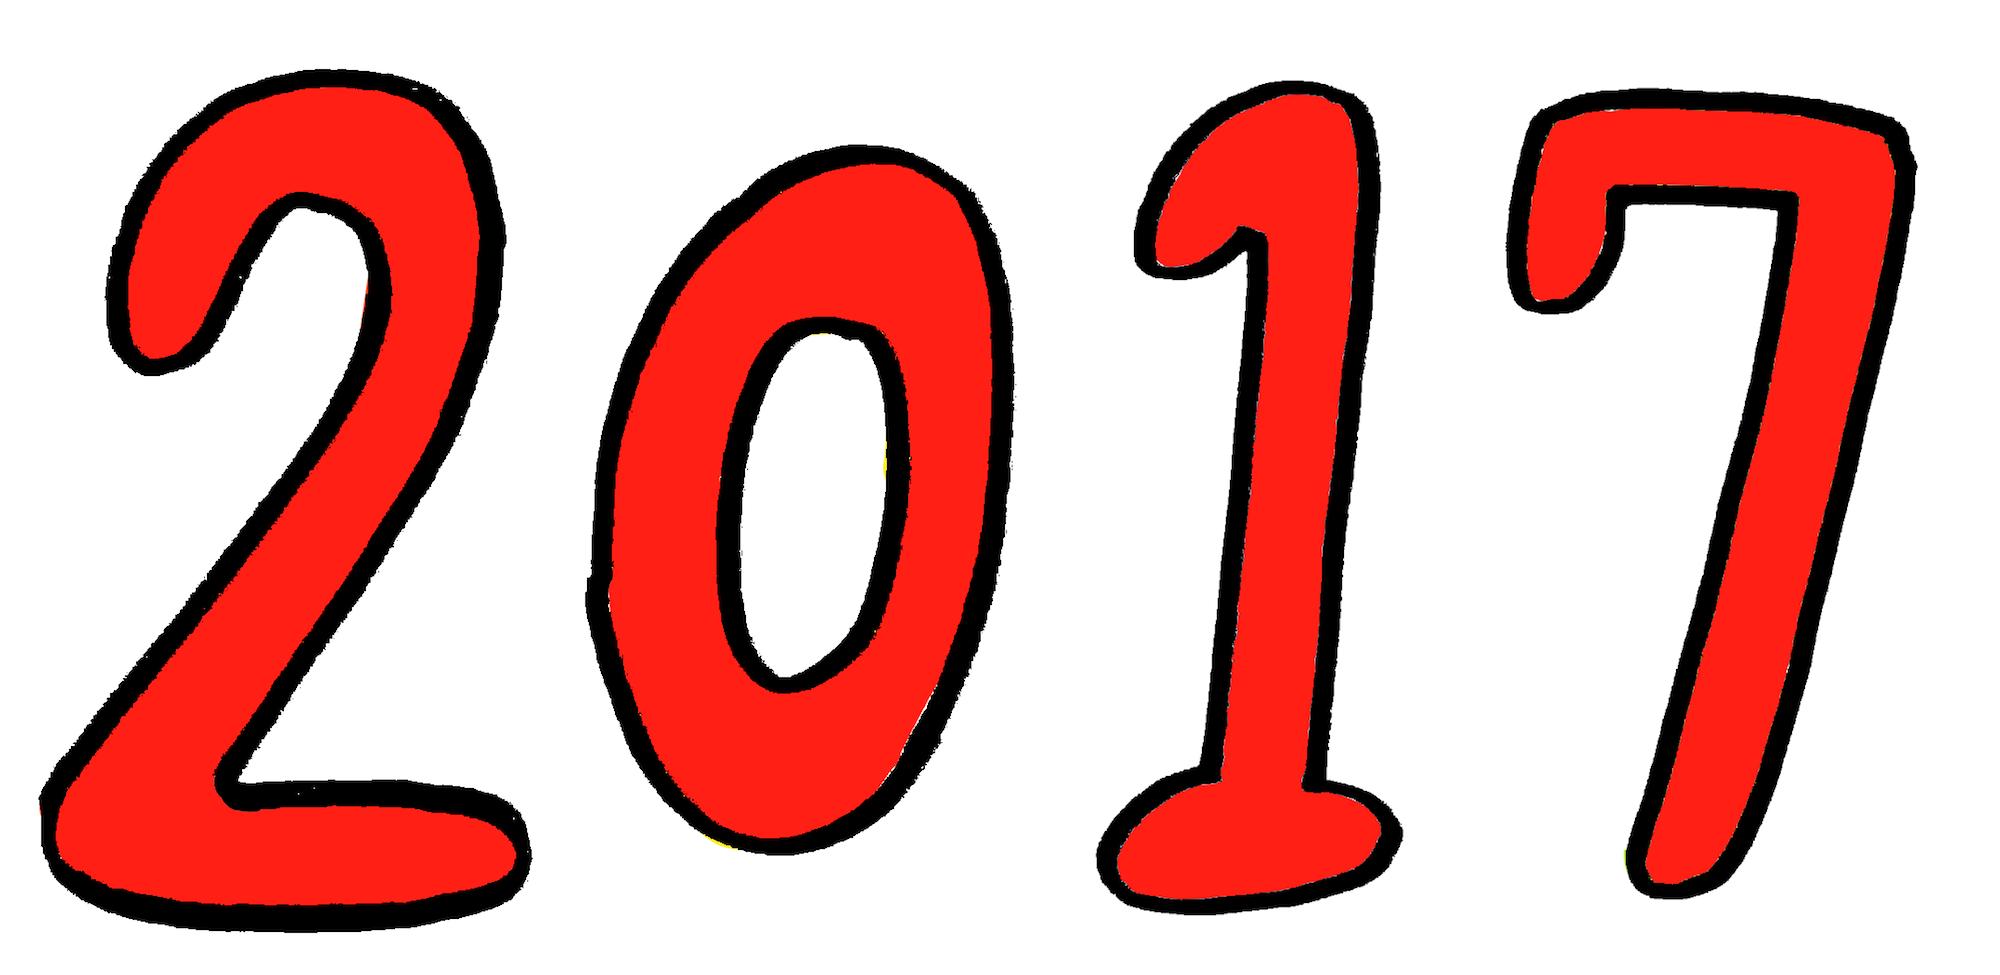 2017年手描き袋文字☆無料年賀状素材 | 無料イラスト配布サイトマンガトップ